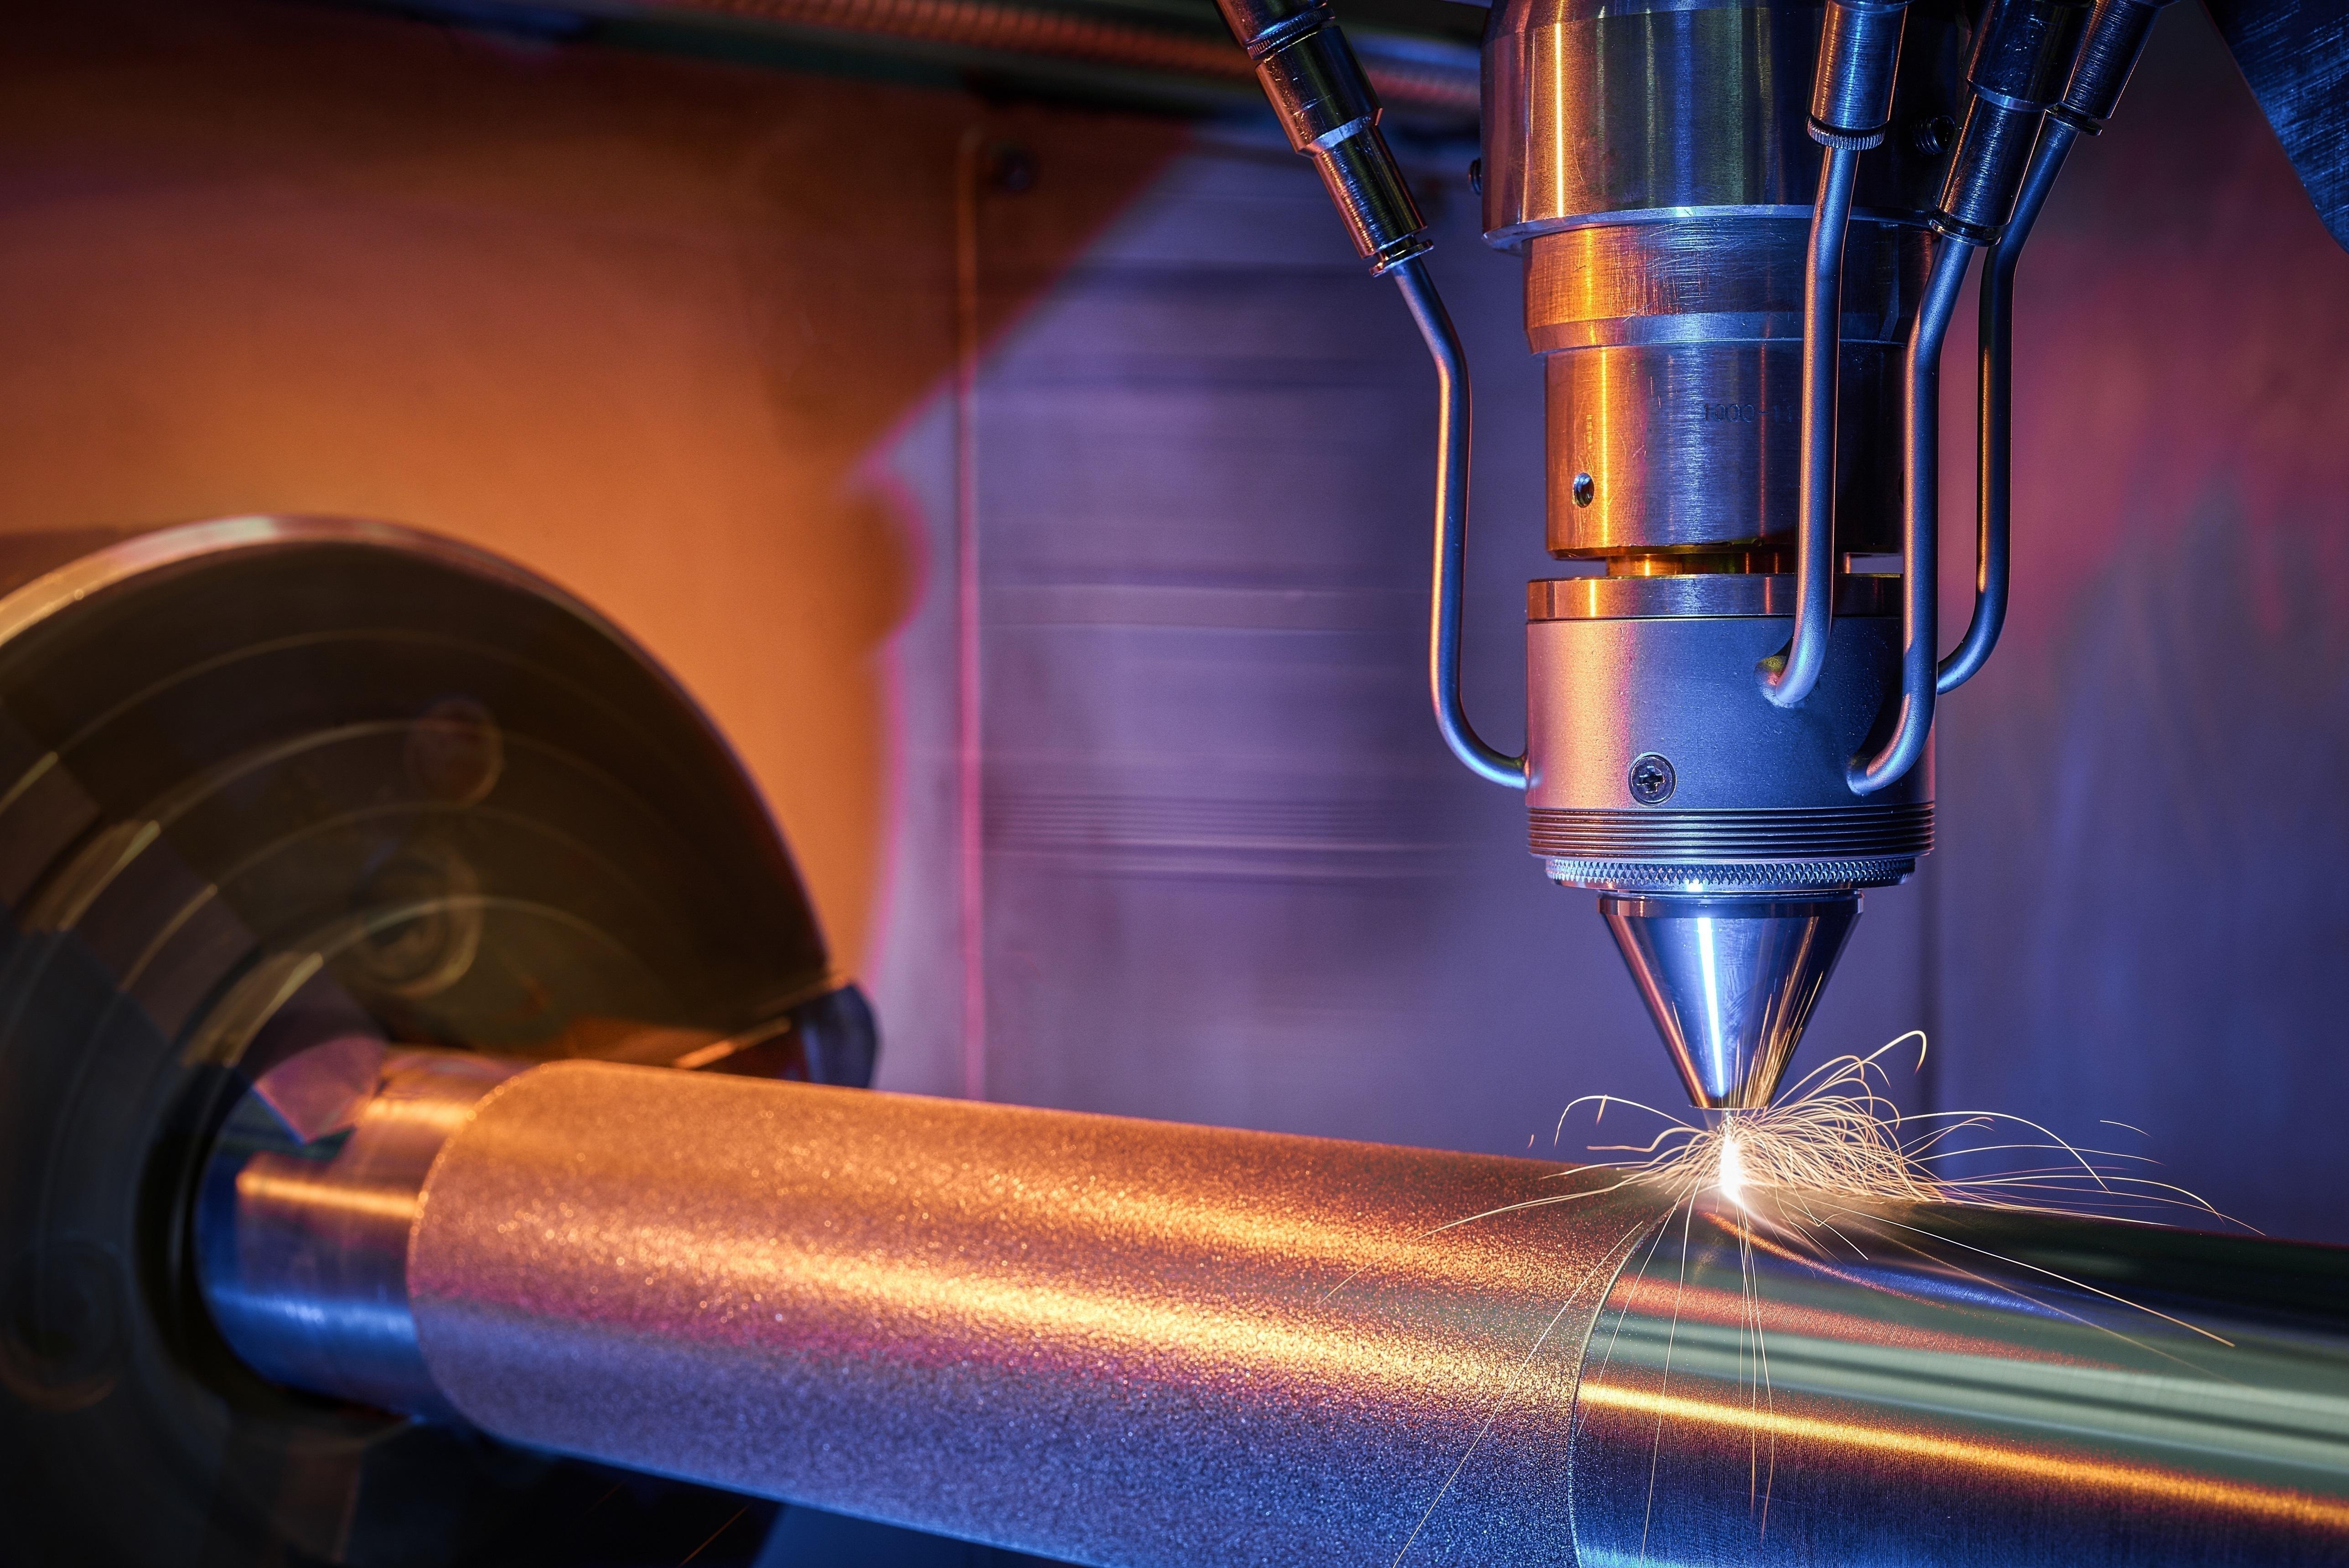 легирование металла на стадии производства фото представляет